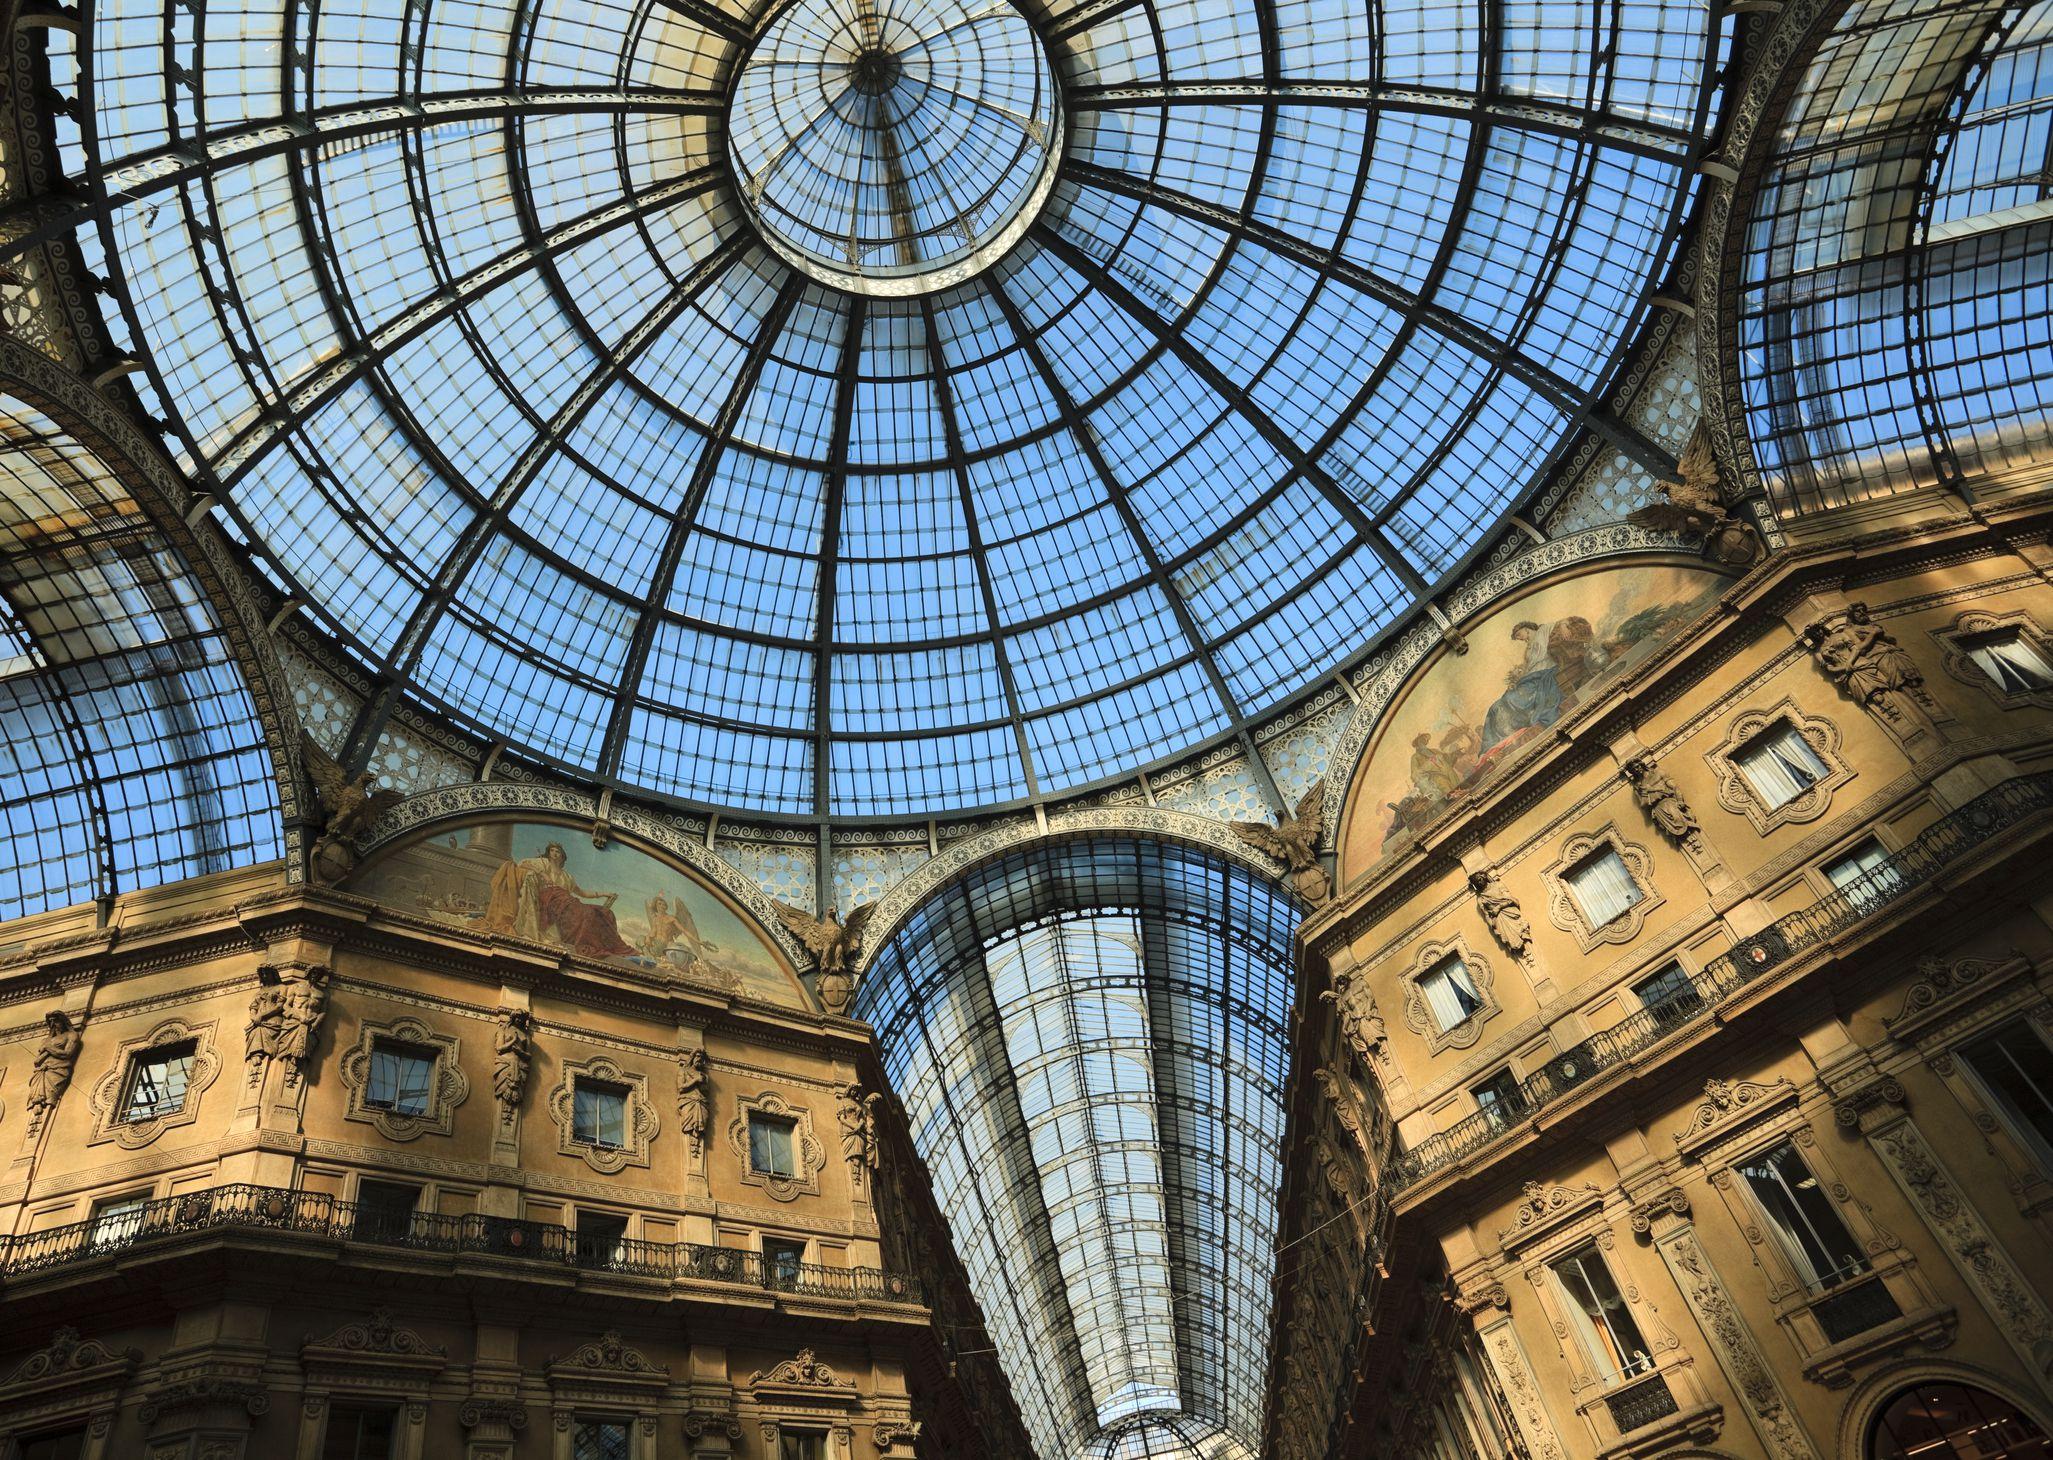 Cúpula de cristal de la Galería Vittorio Emanuele II